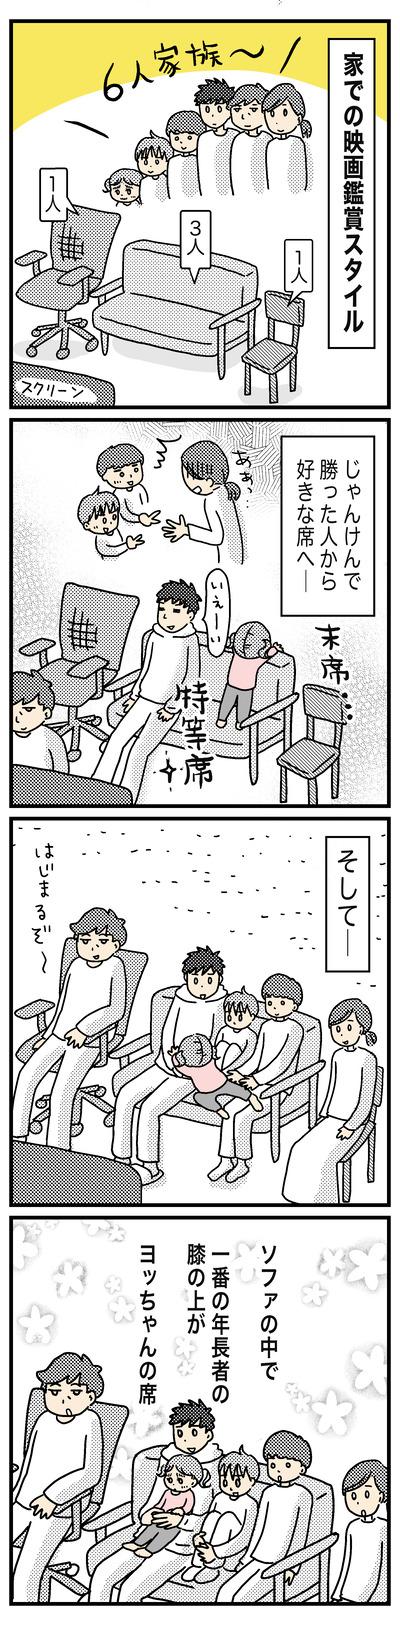 203 映画鑑賞1(1才半〜2才)